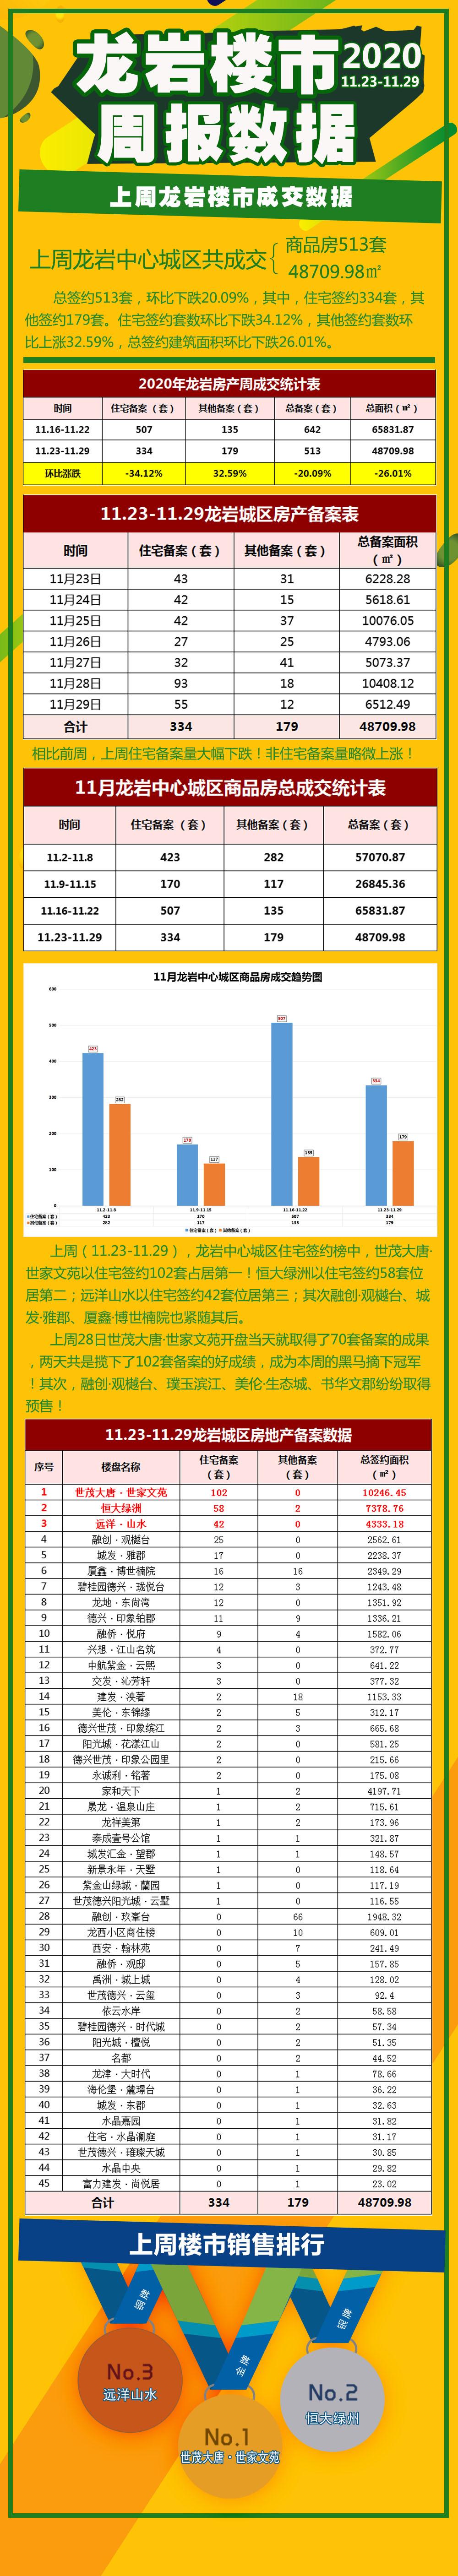 11.23-11.29周报.jpg